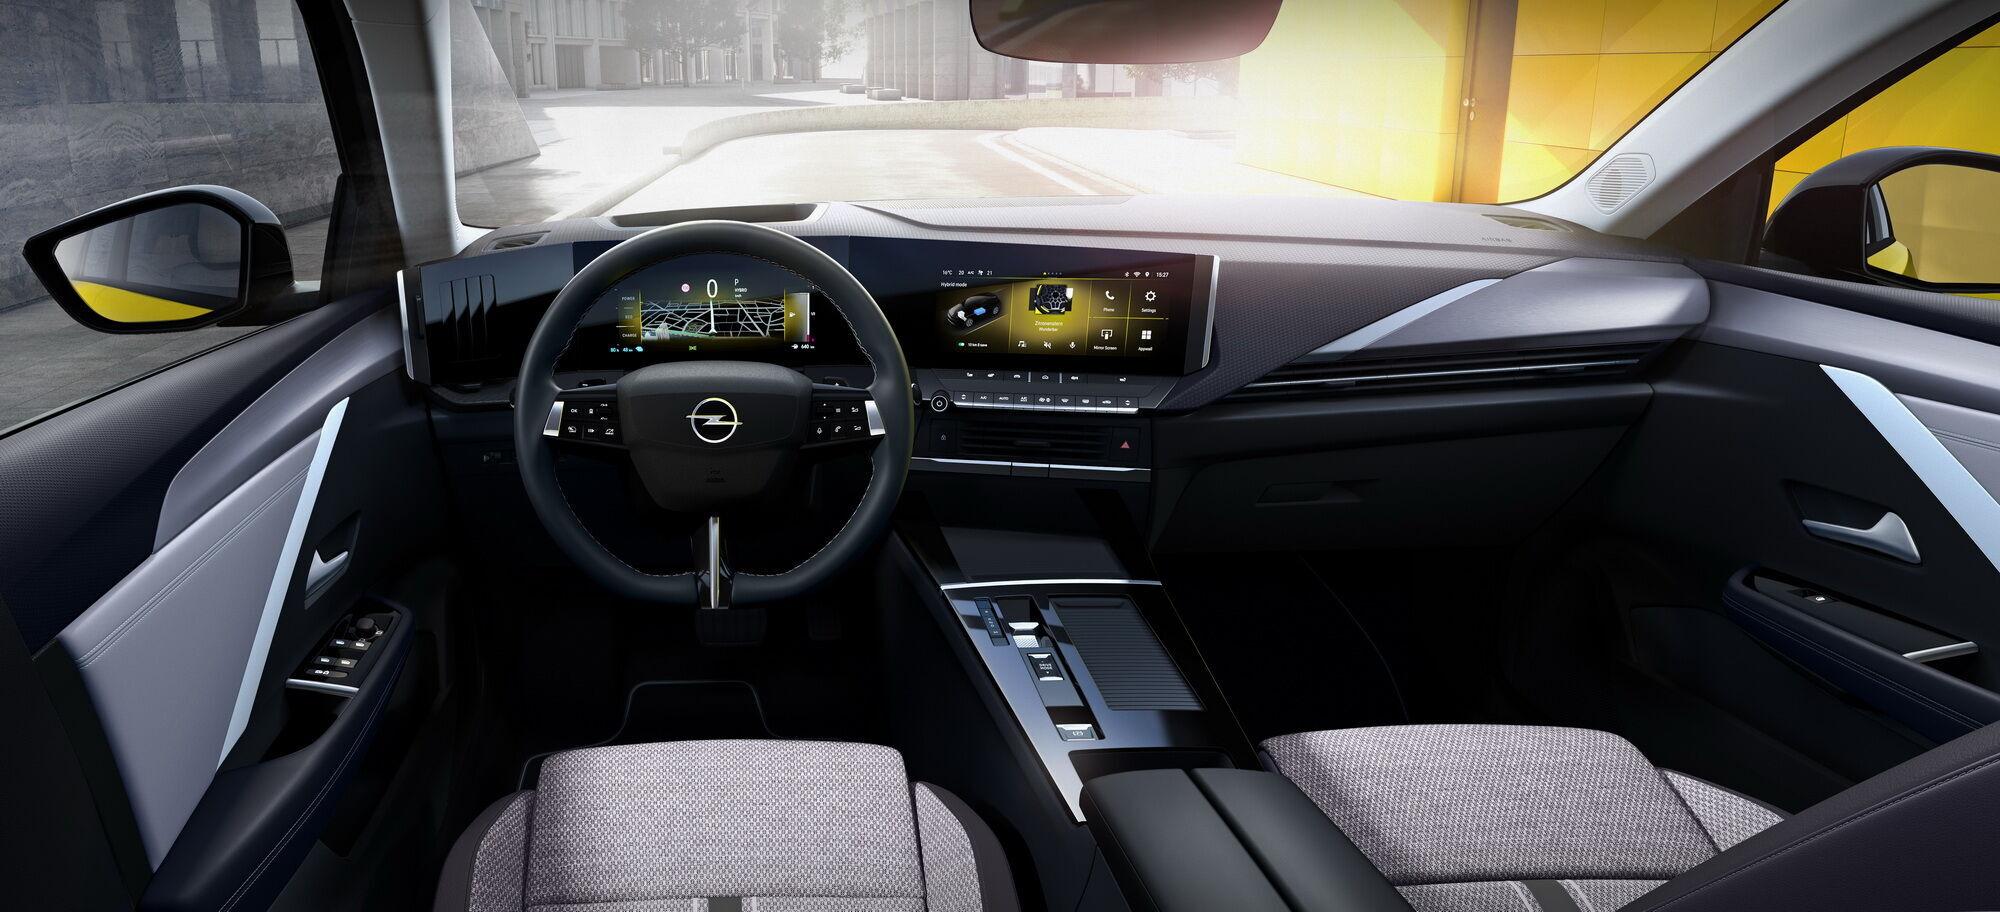 Уже в базовой комплектации автомобиль получил цифровой кокпит Pure Panel с двумя 10-дюймовыми экранами